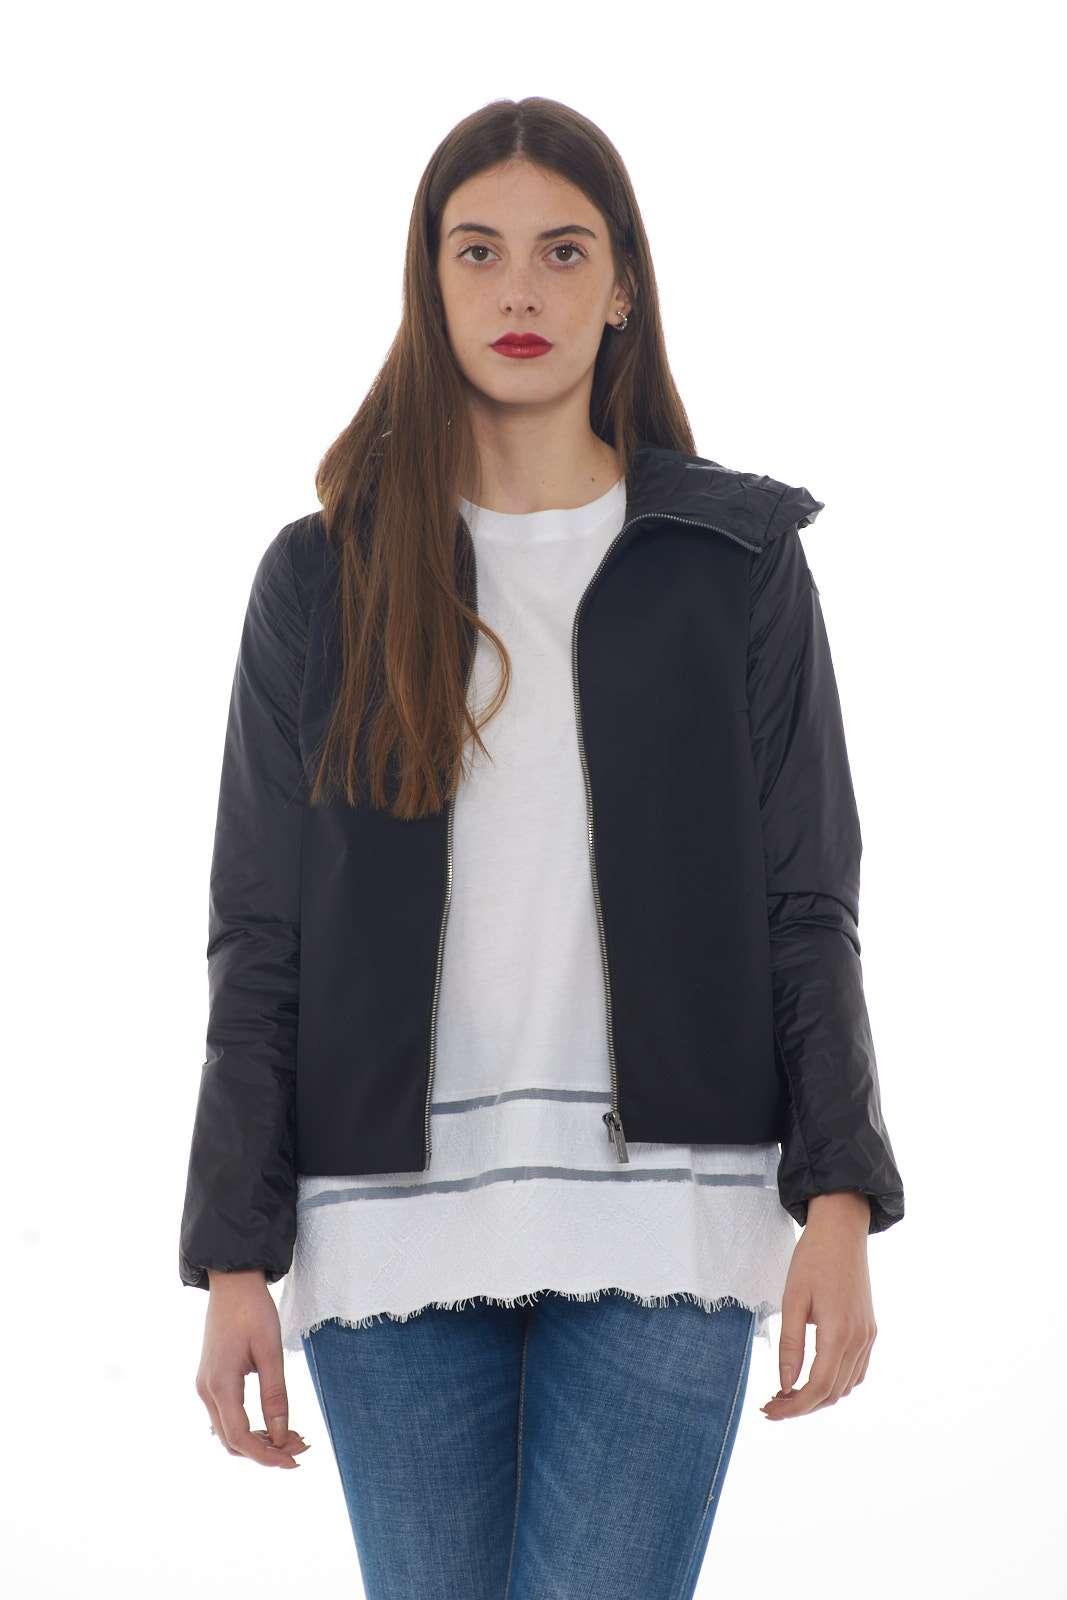 Un giubbino dal carattere fashion e pratico il nuovo Summer Zar Hybrid Lady firmato dalla collezione donna RRD. Il classico tessuto tecnico si impone sul davanti per donare un tocco glamour e caratteristico. Da indossare per ogni look è un vero e proprio essential.